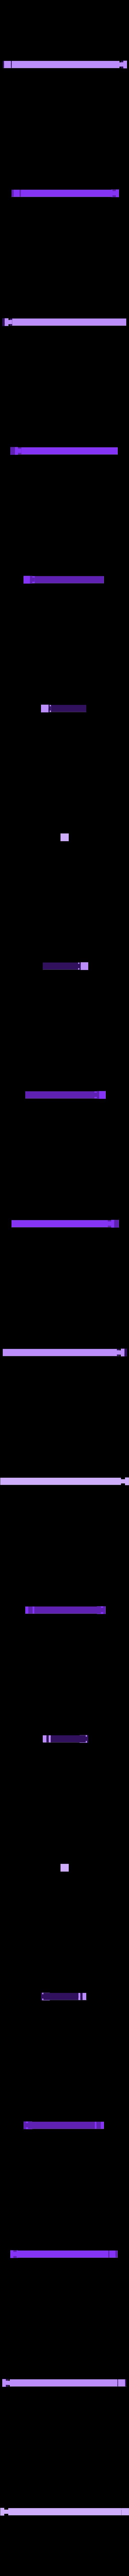 traverse 2.stl Télécharger fichier STL Pont 4 colonnes pour garage 1/10 • Design pour impression 3D, RCGANG93